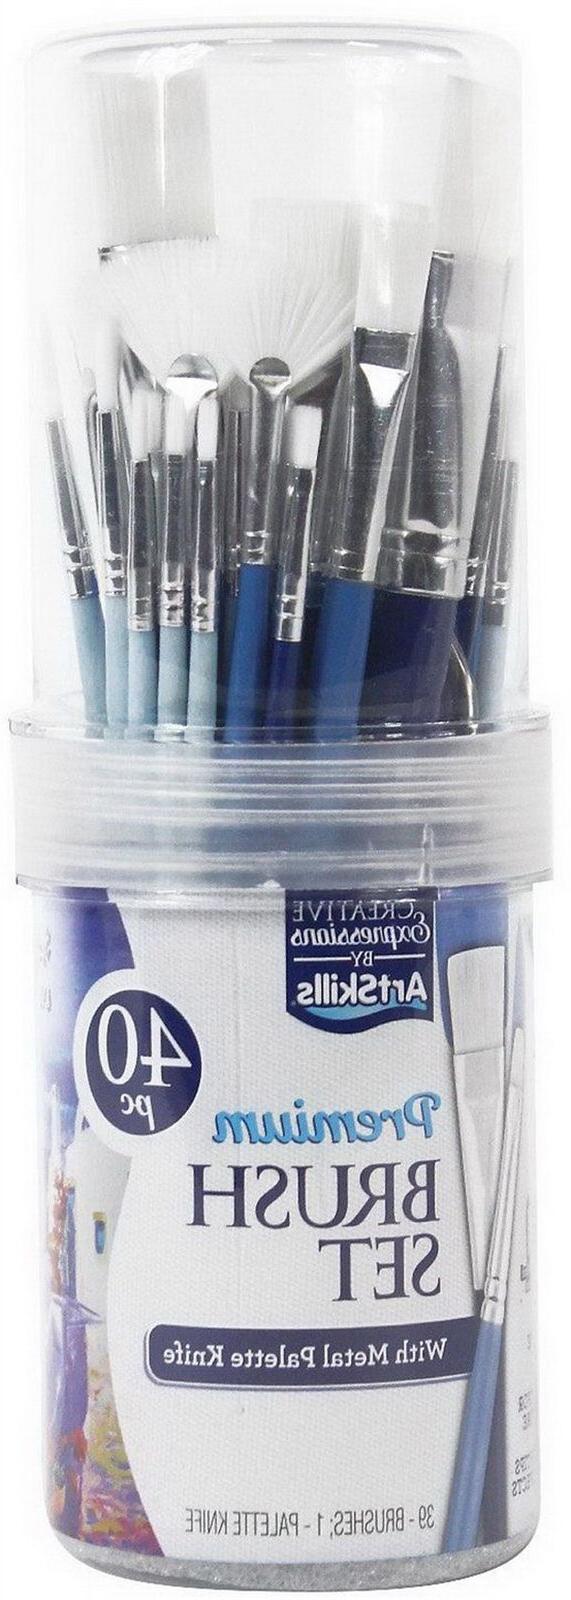 40 piece art paint brushes set